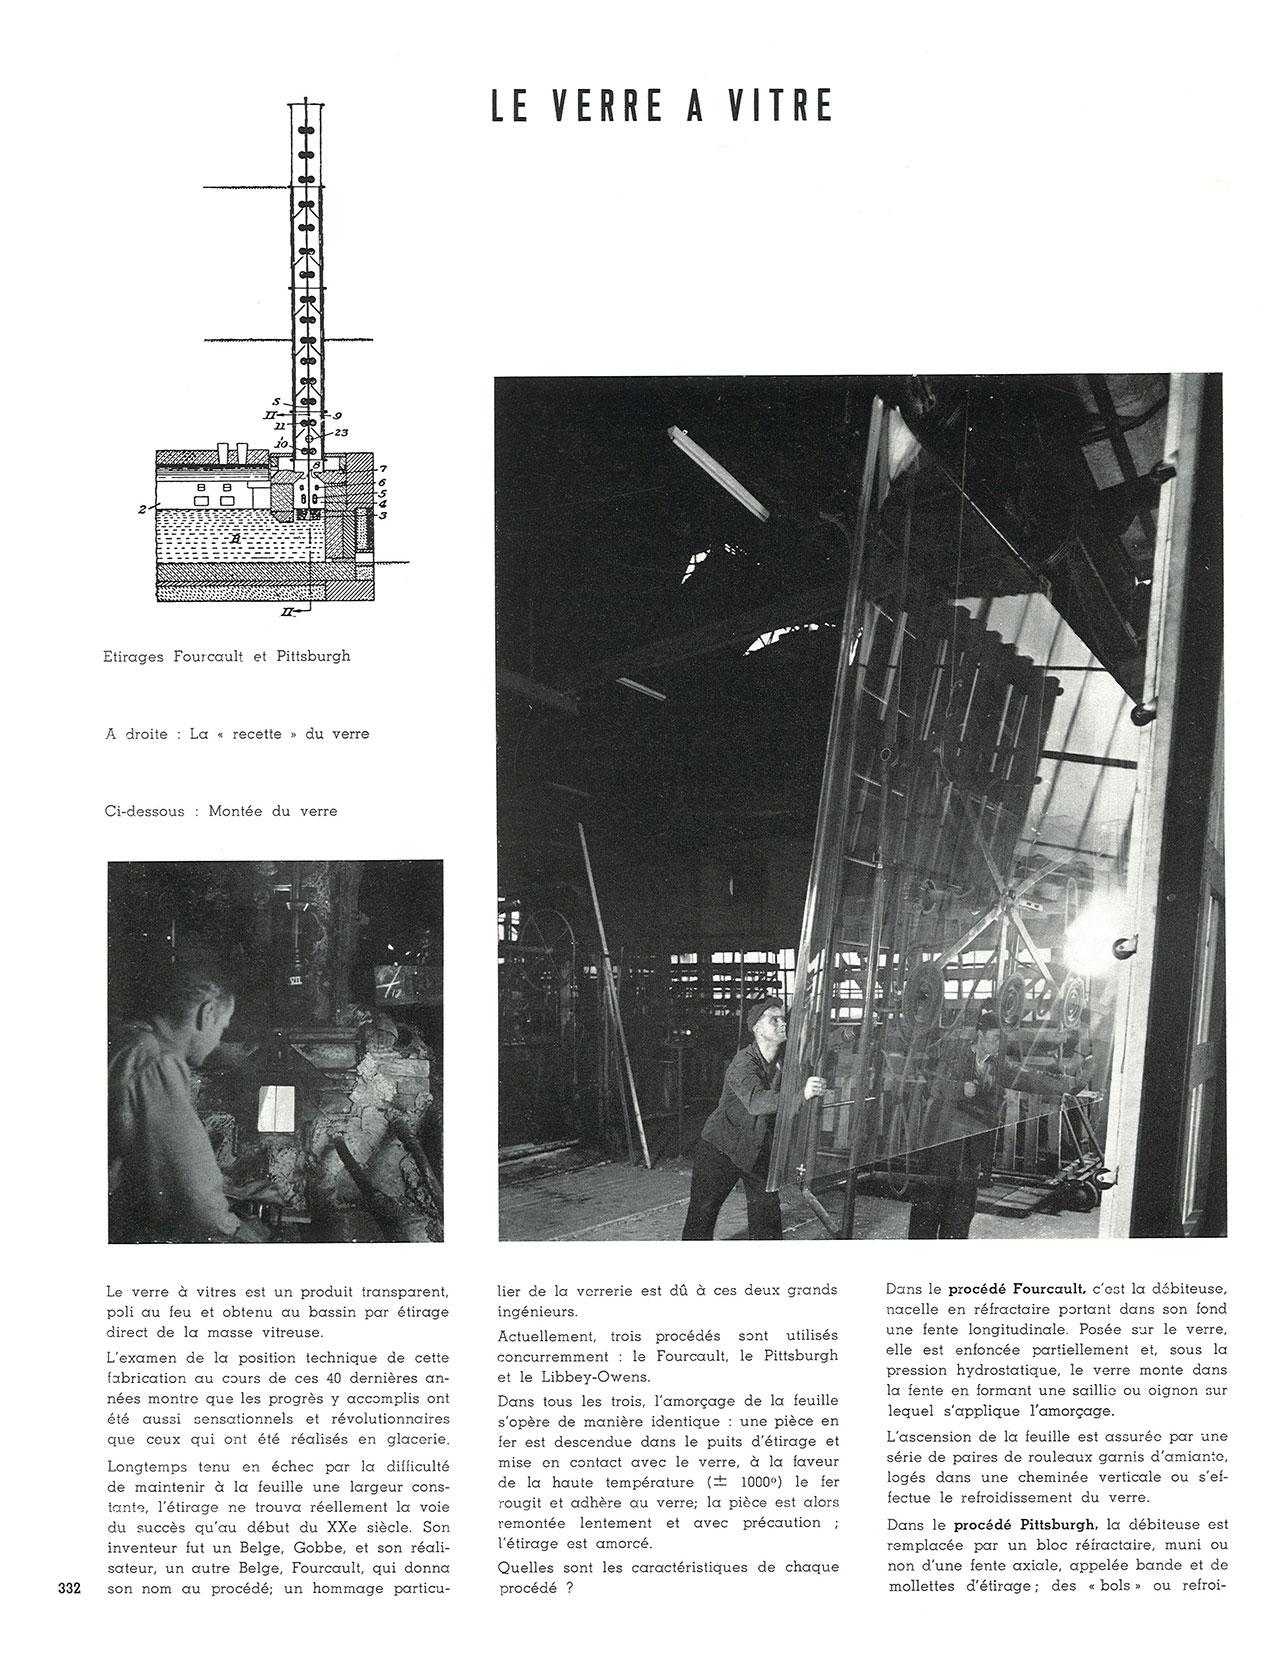 Utilisation du verre dans la construction